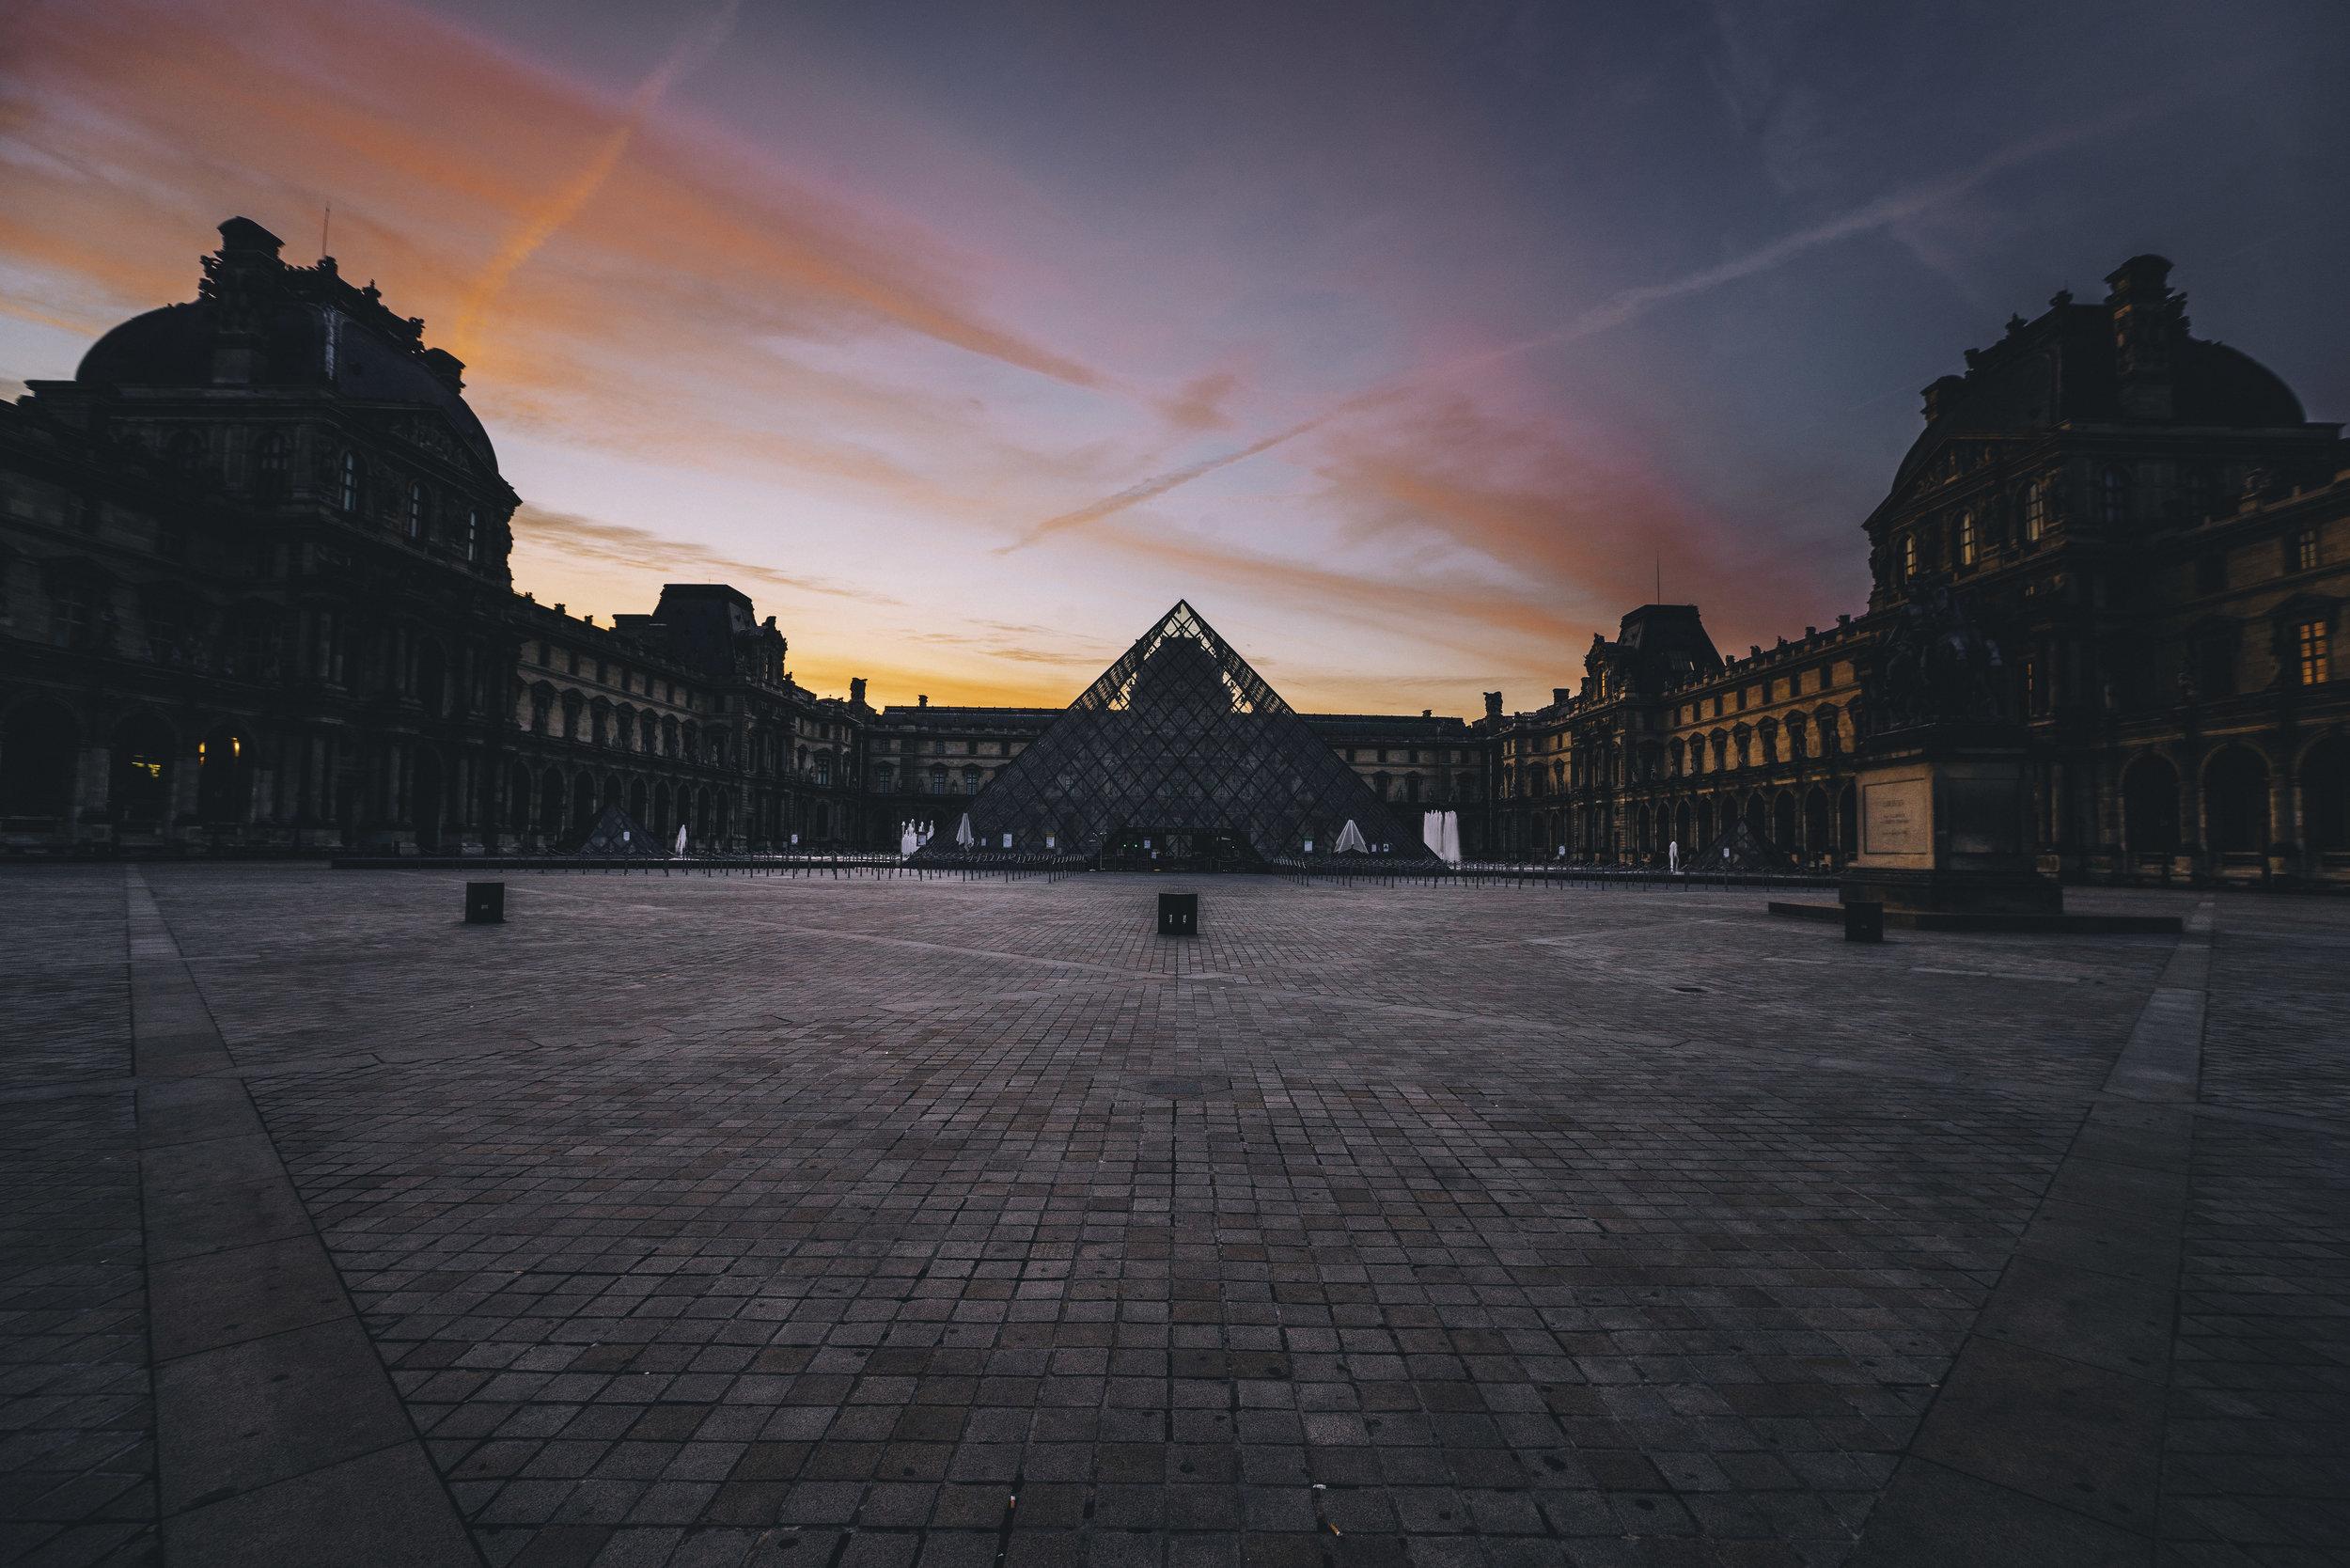 Lourve Sunrise Landscape - Paris.jpg